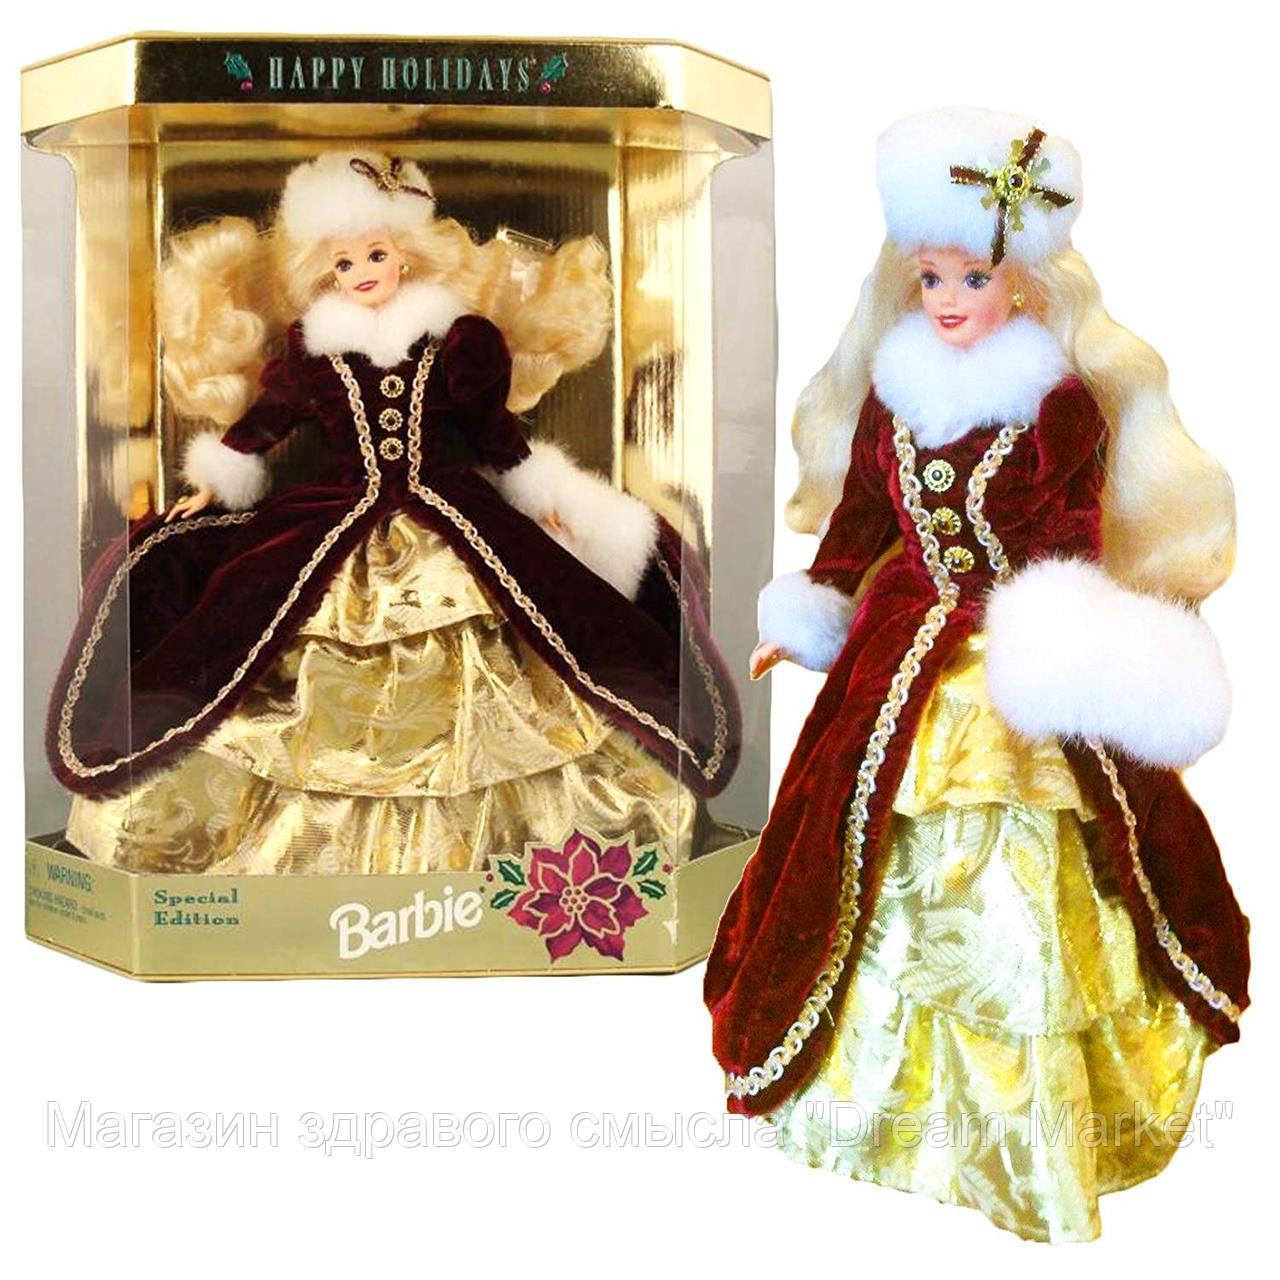 Коллекционная Кукла Барби Холидей Праздничная 1996 года Barbie Happy Holidays